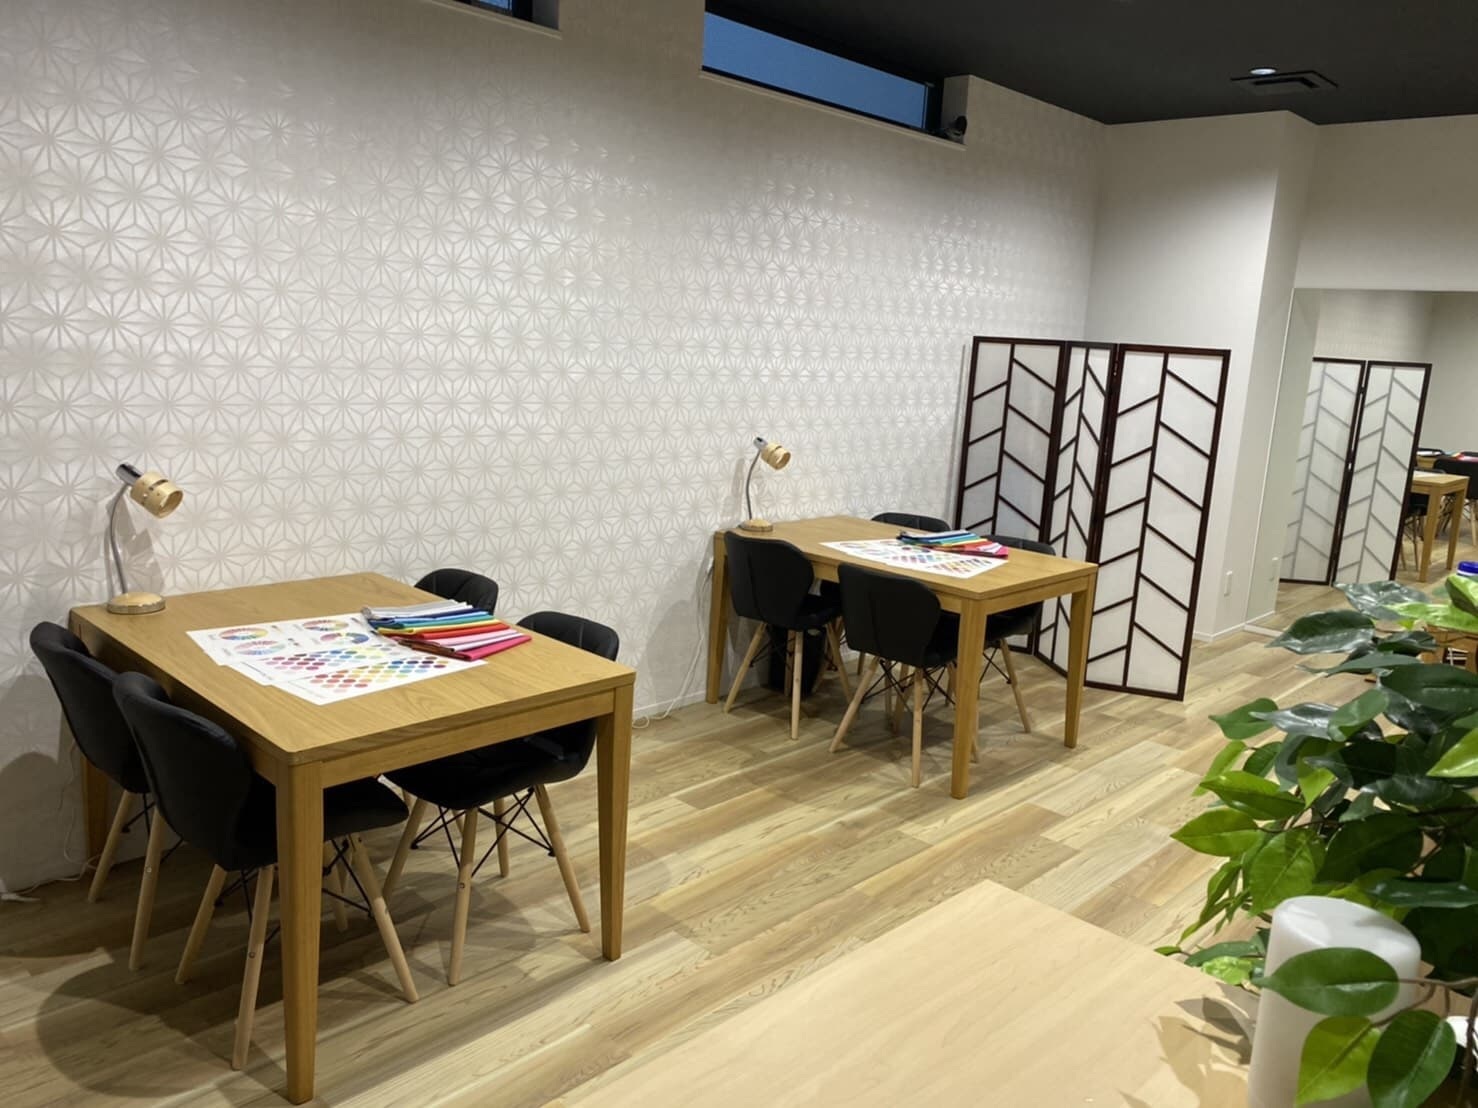 【2020年9月1日】ic light 大阪サロンがオープン!